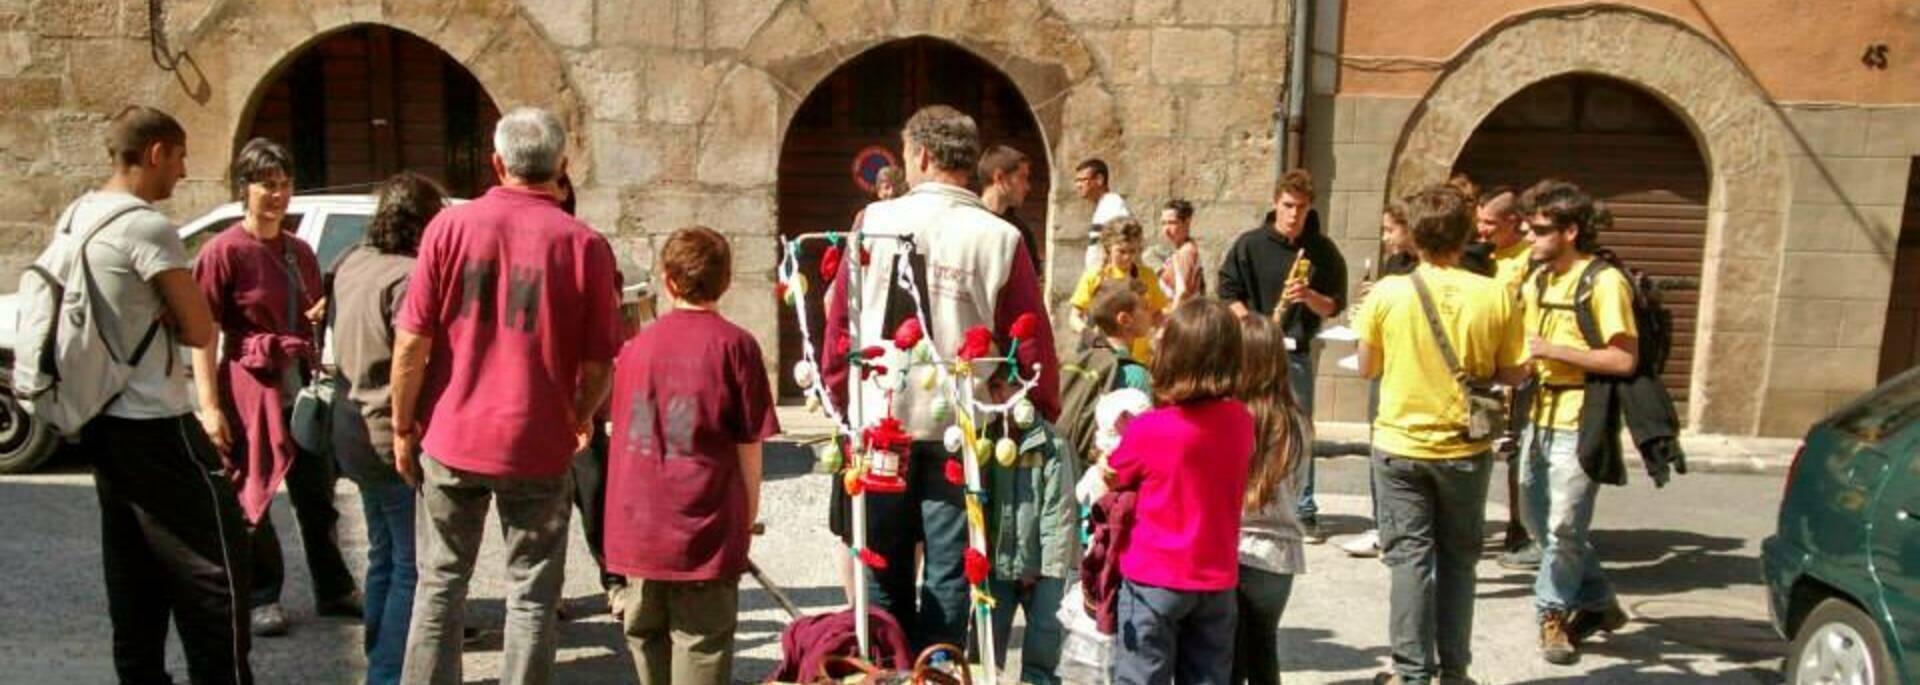 Goigs dels Ous de Xocolat - fête des Géants Villefranche de Conflent